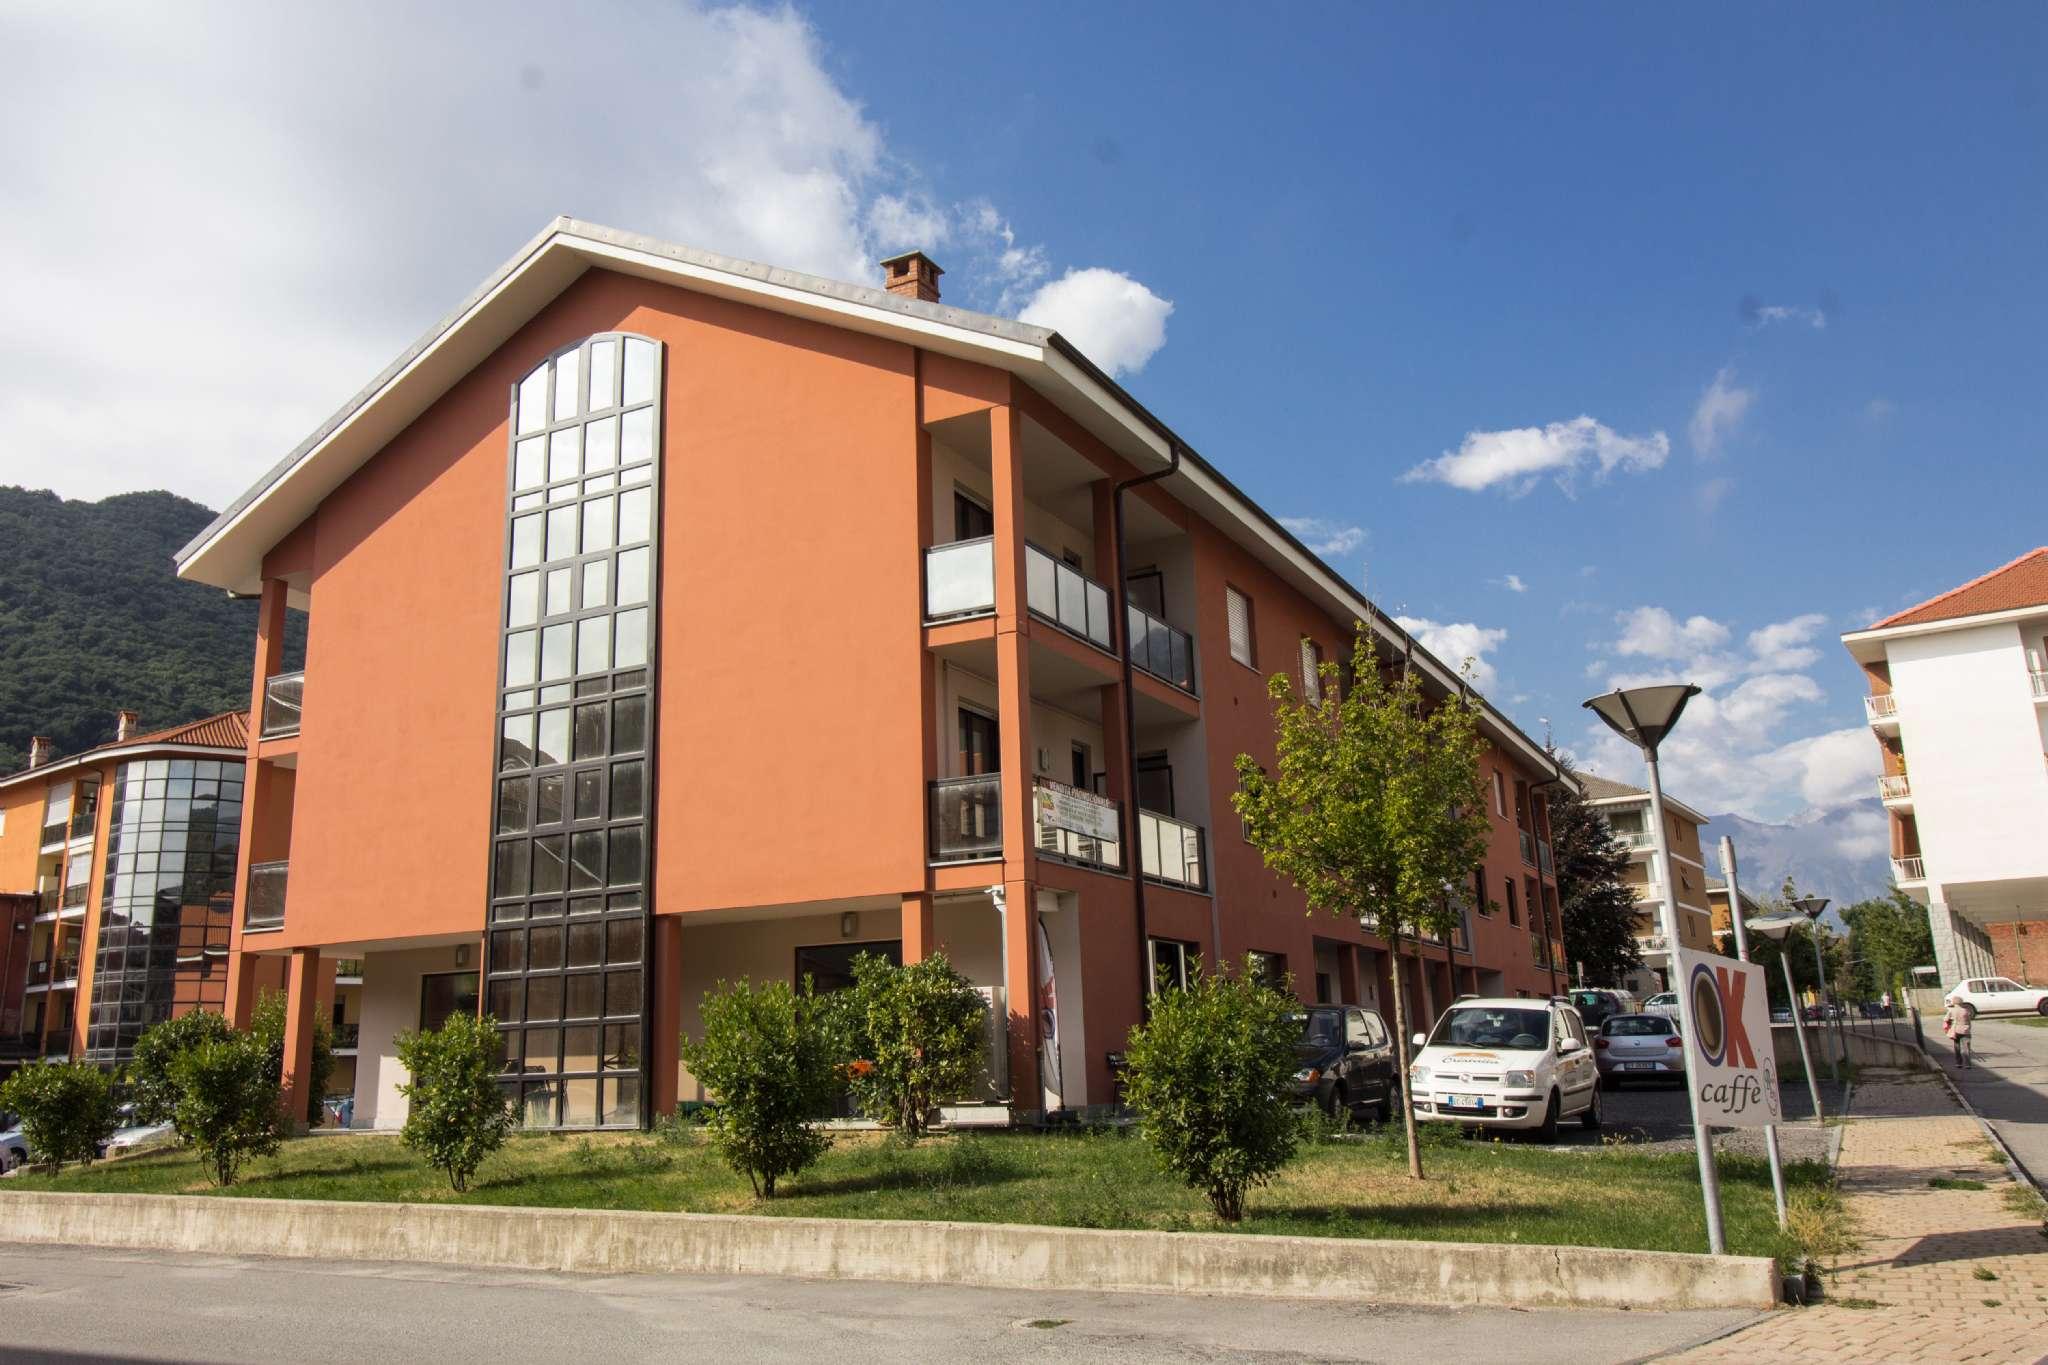 Appartamento in vendita a Torre Pellice, 2 locali, Trattative riservate | PortaleAgenzieImmobiliari.it